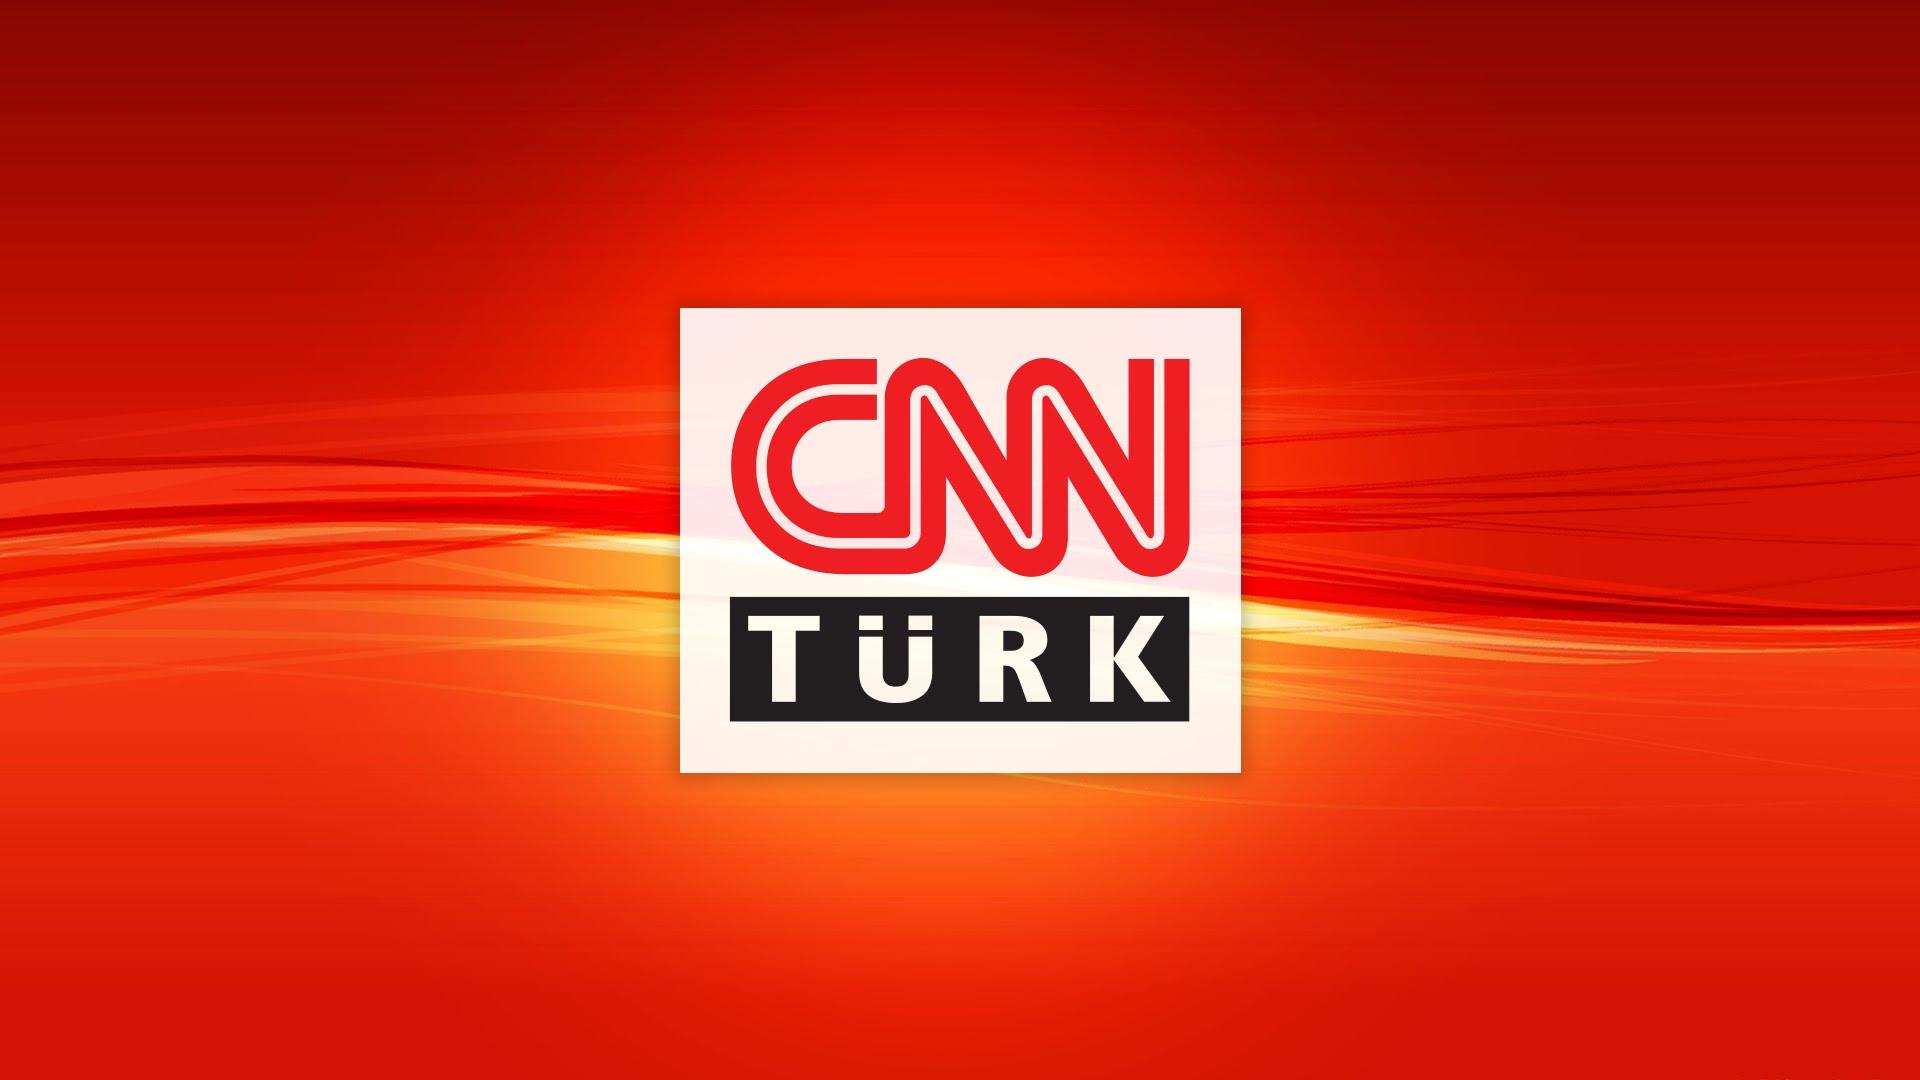 CNN TÜRK CANLI YAYINI - YouTube